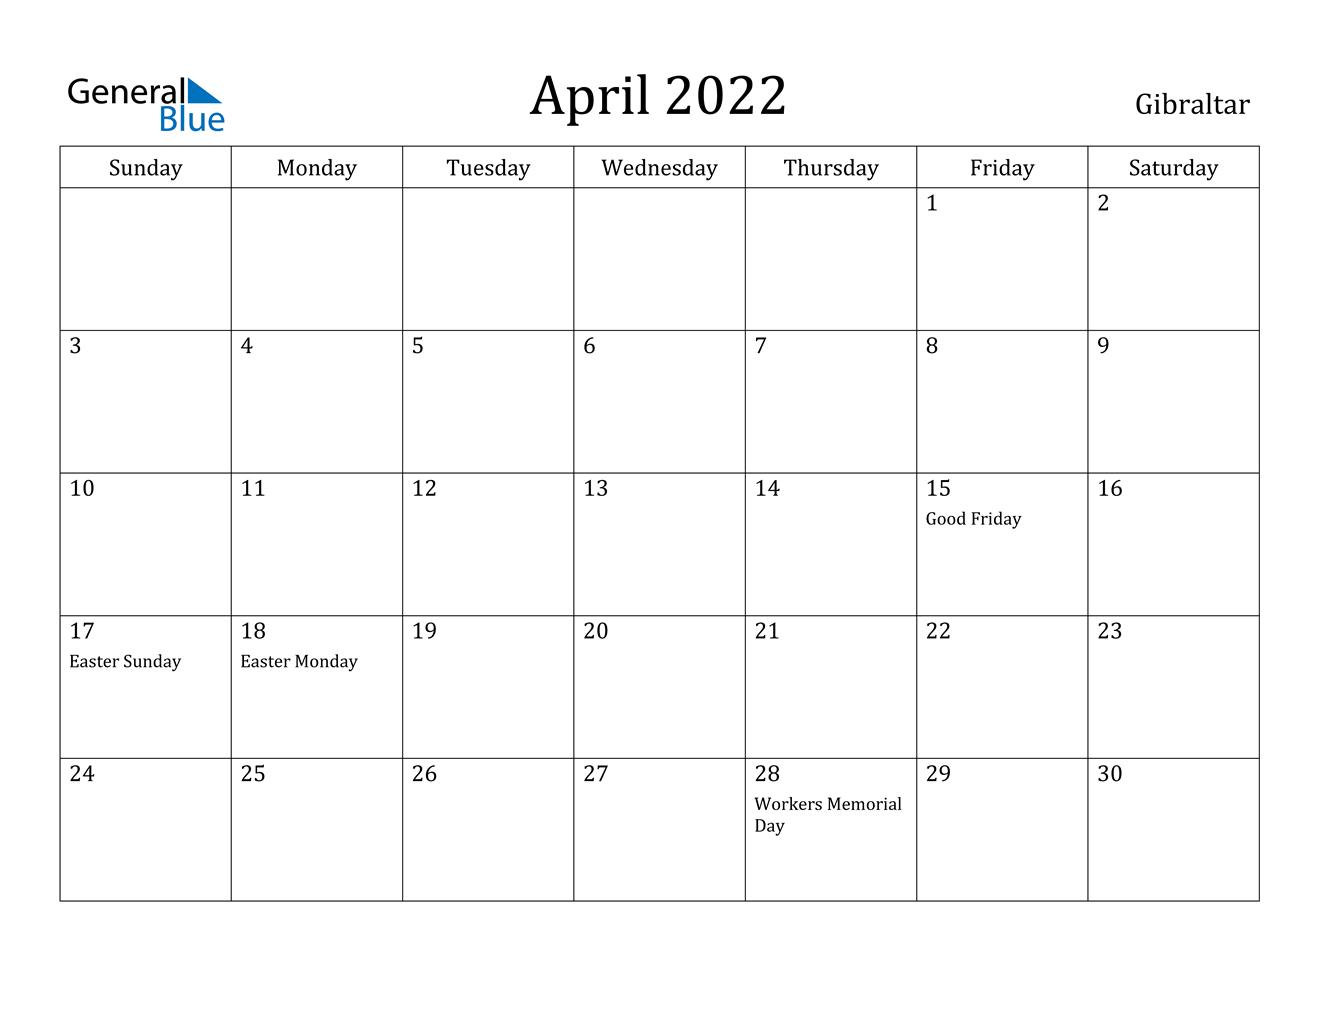 April 2022 Calendar - Gibraltar in April May Calendar 2022